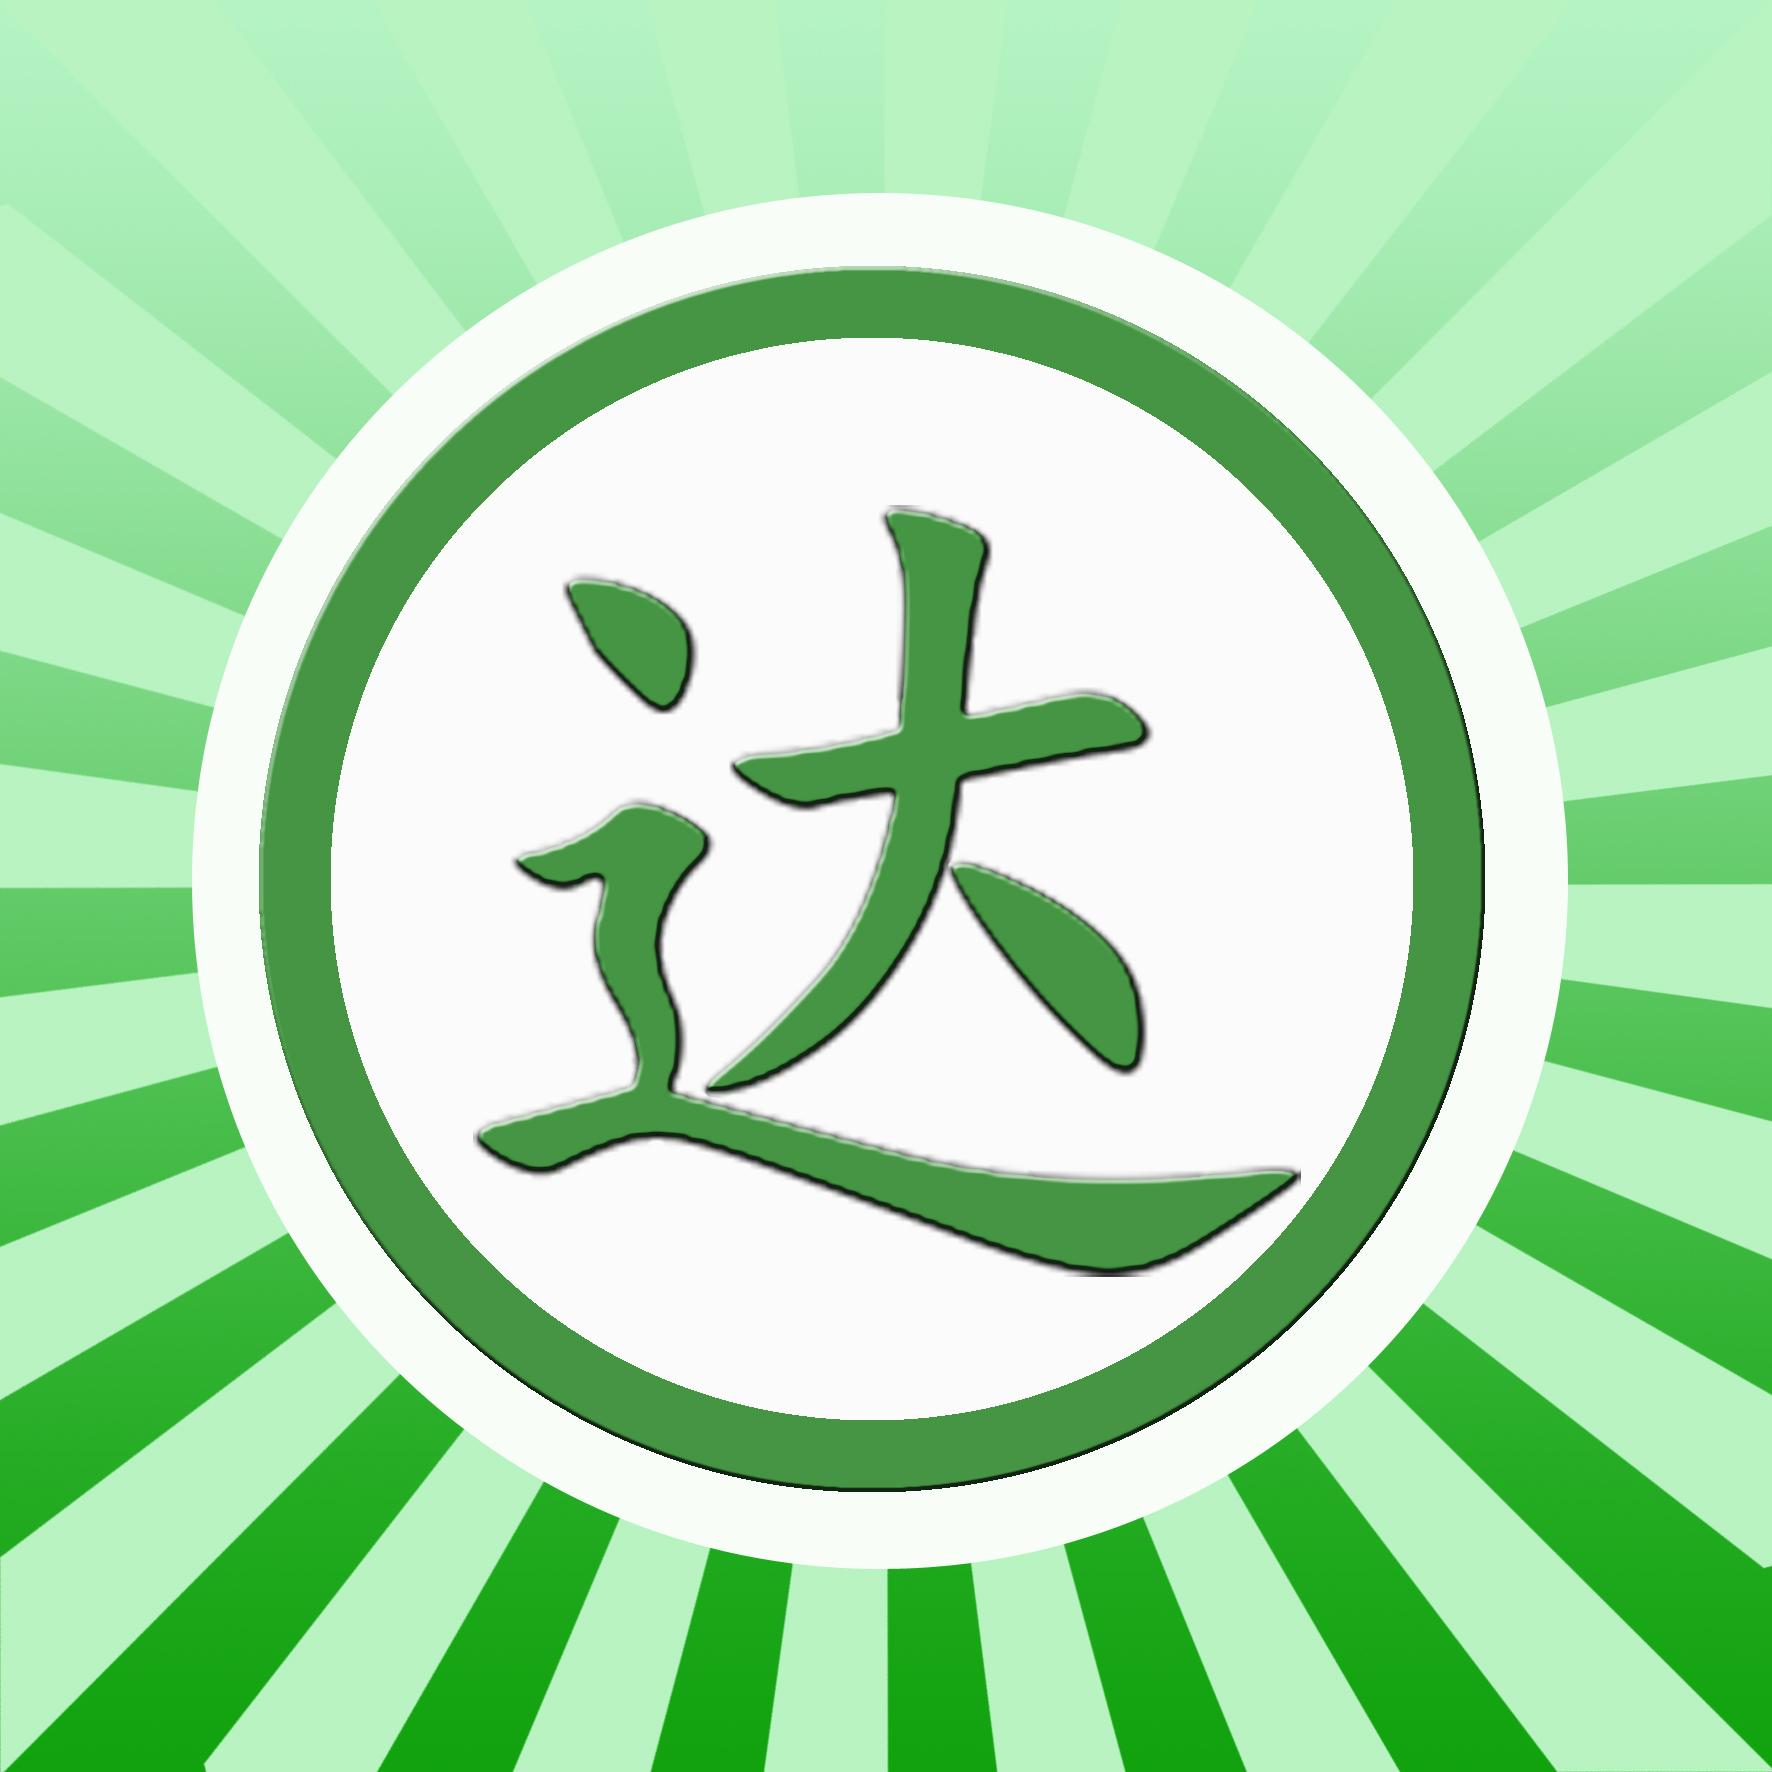 设计一款公司logo